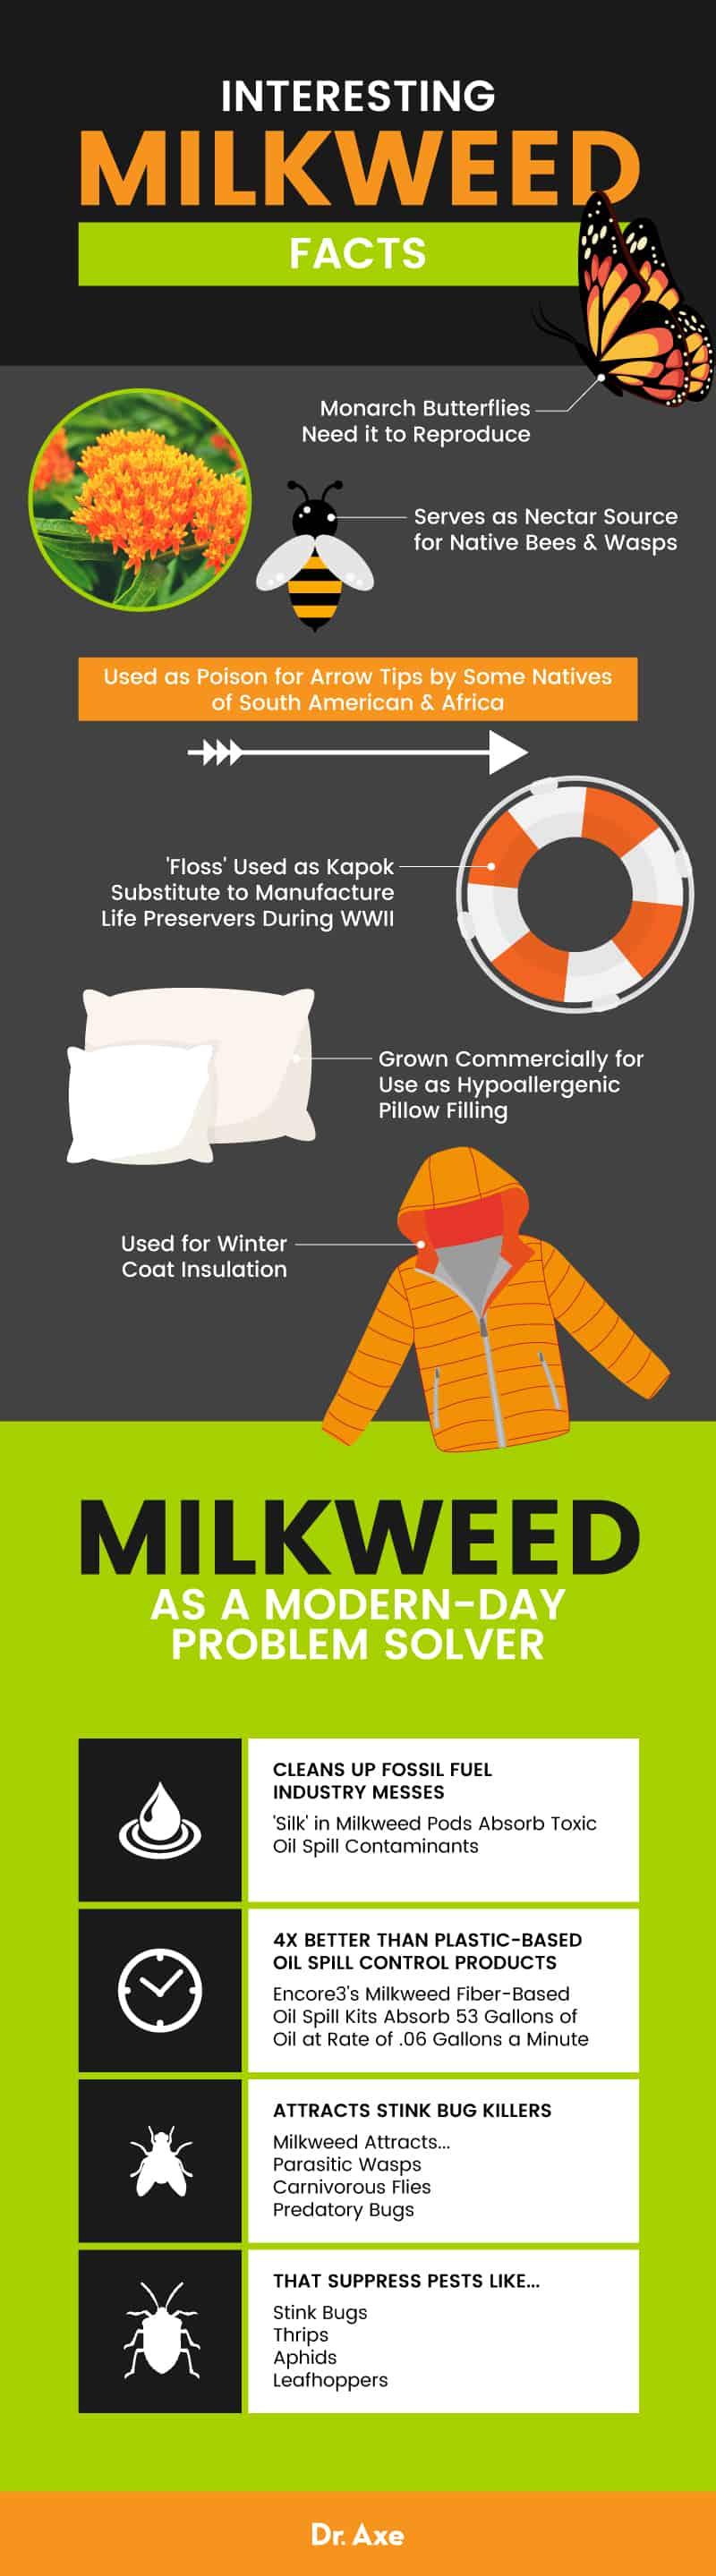 Milkweed - Dr. Axe